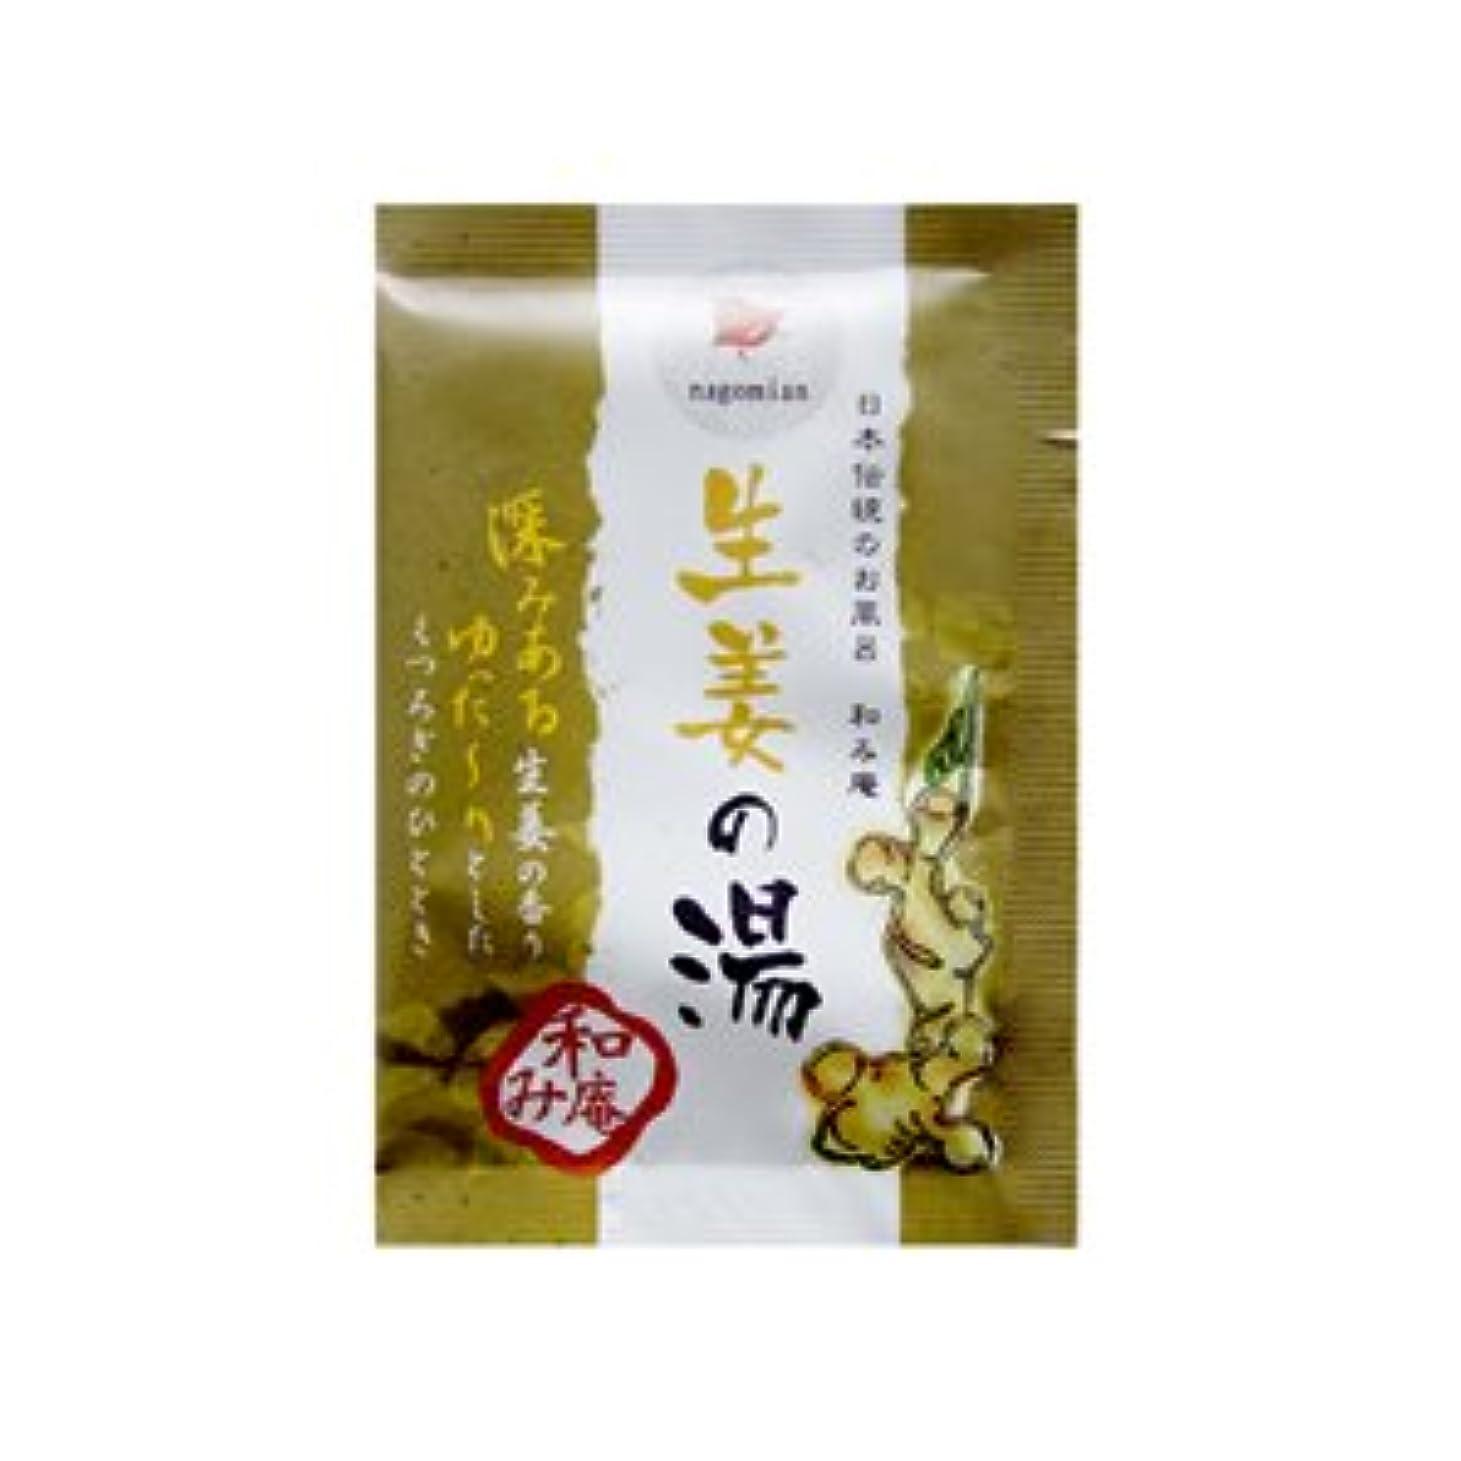 フェローシップ熱帯の冗長日本伝統のお風呂 和み庵 生姜の湯 25g 5個セット